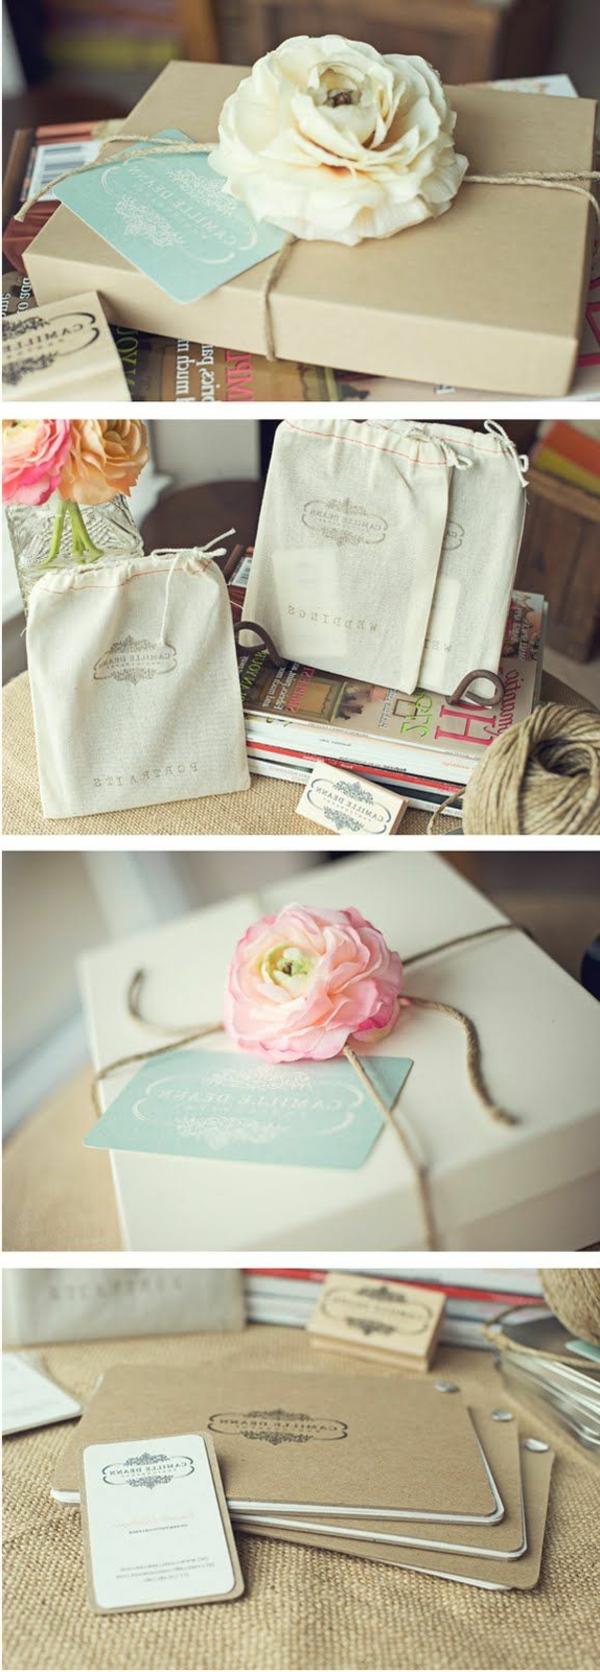 hübsche-verpackungen-basteln-originelle-geschenke-zum-verpacken-